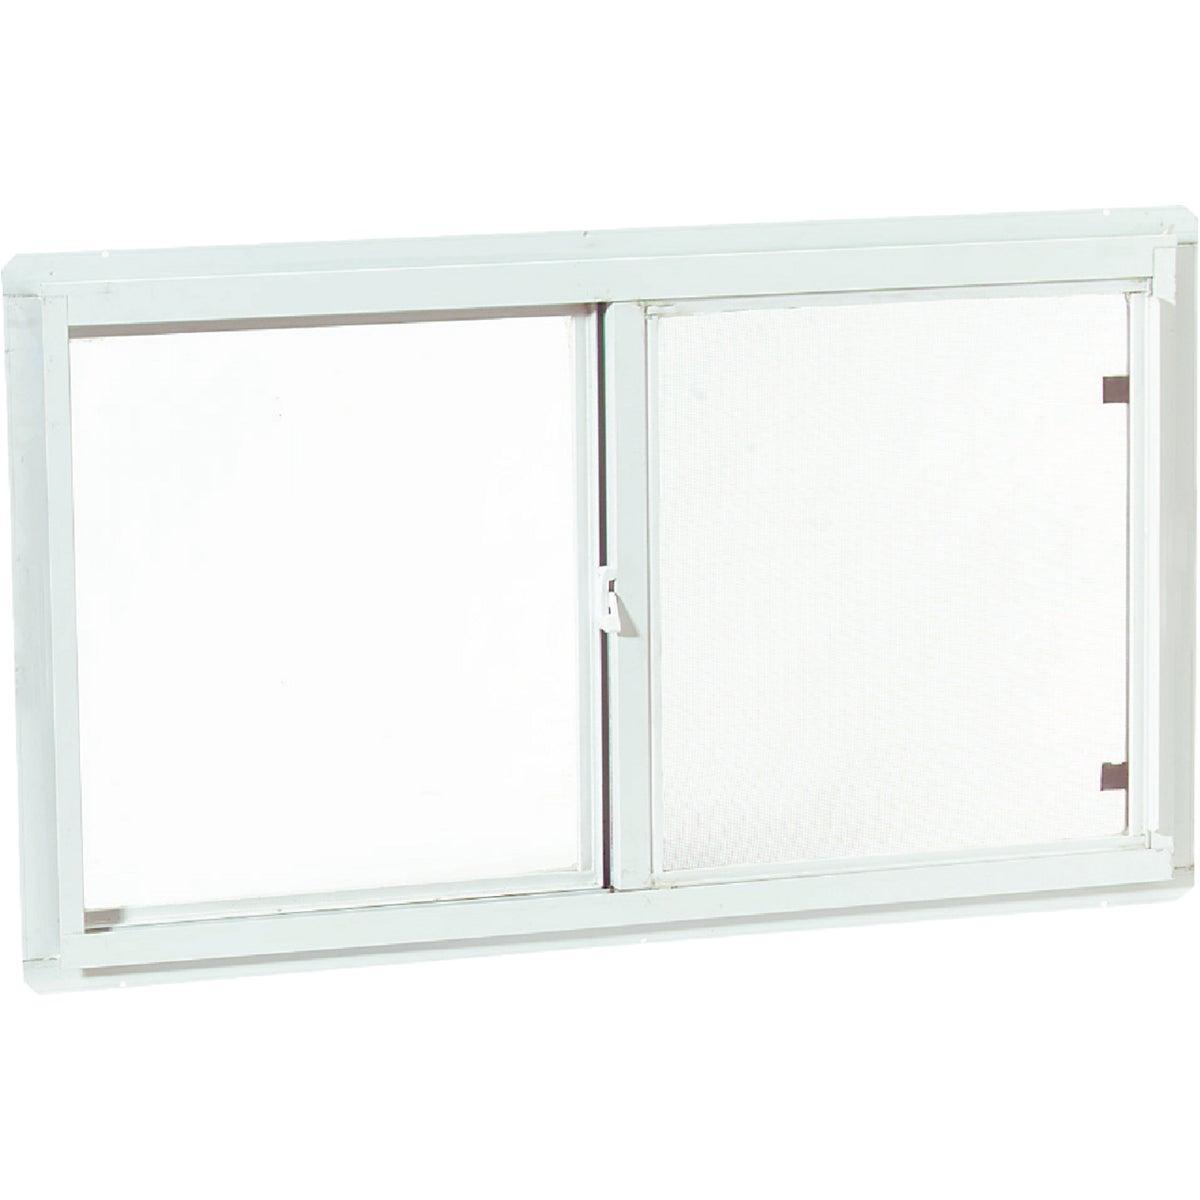 51SD 46X22 SLIDNG WINDOW